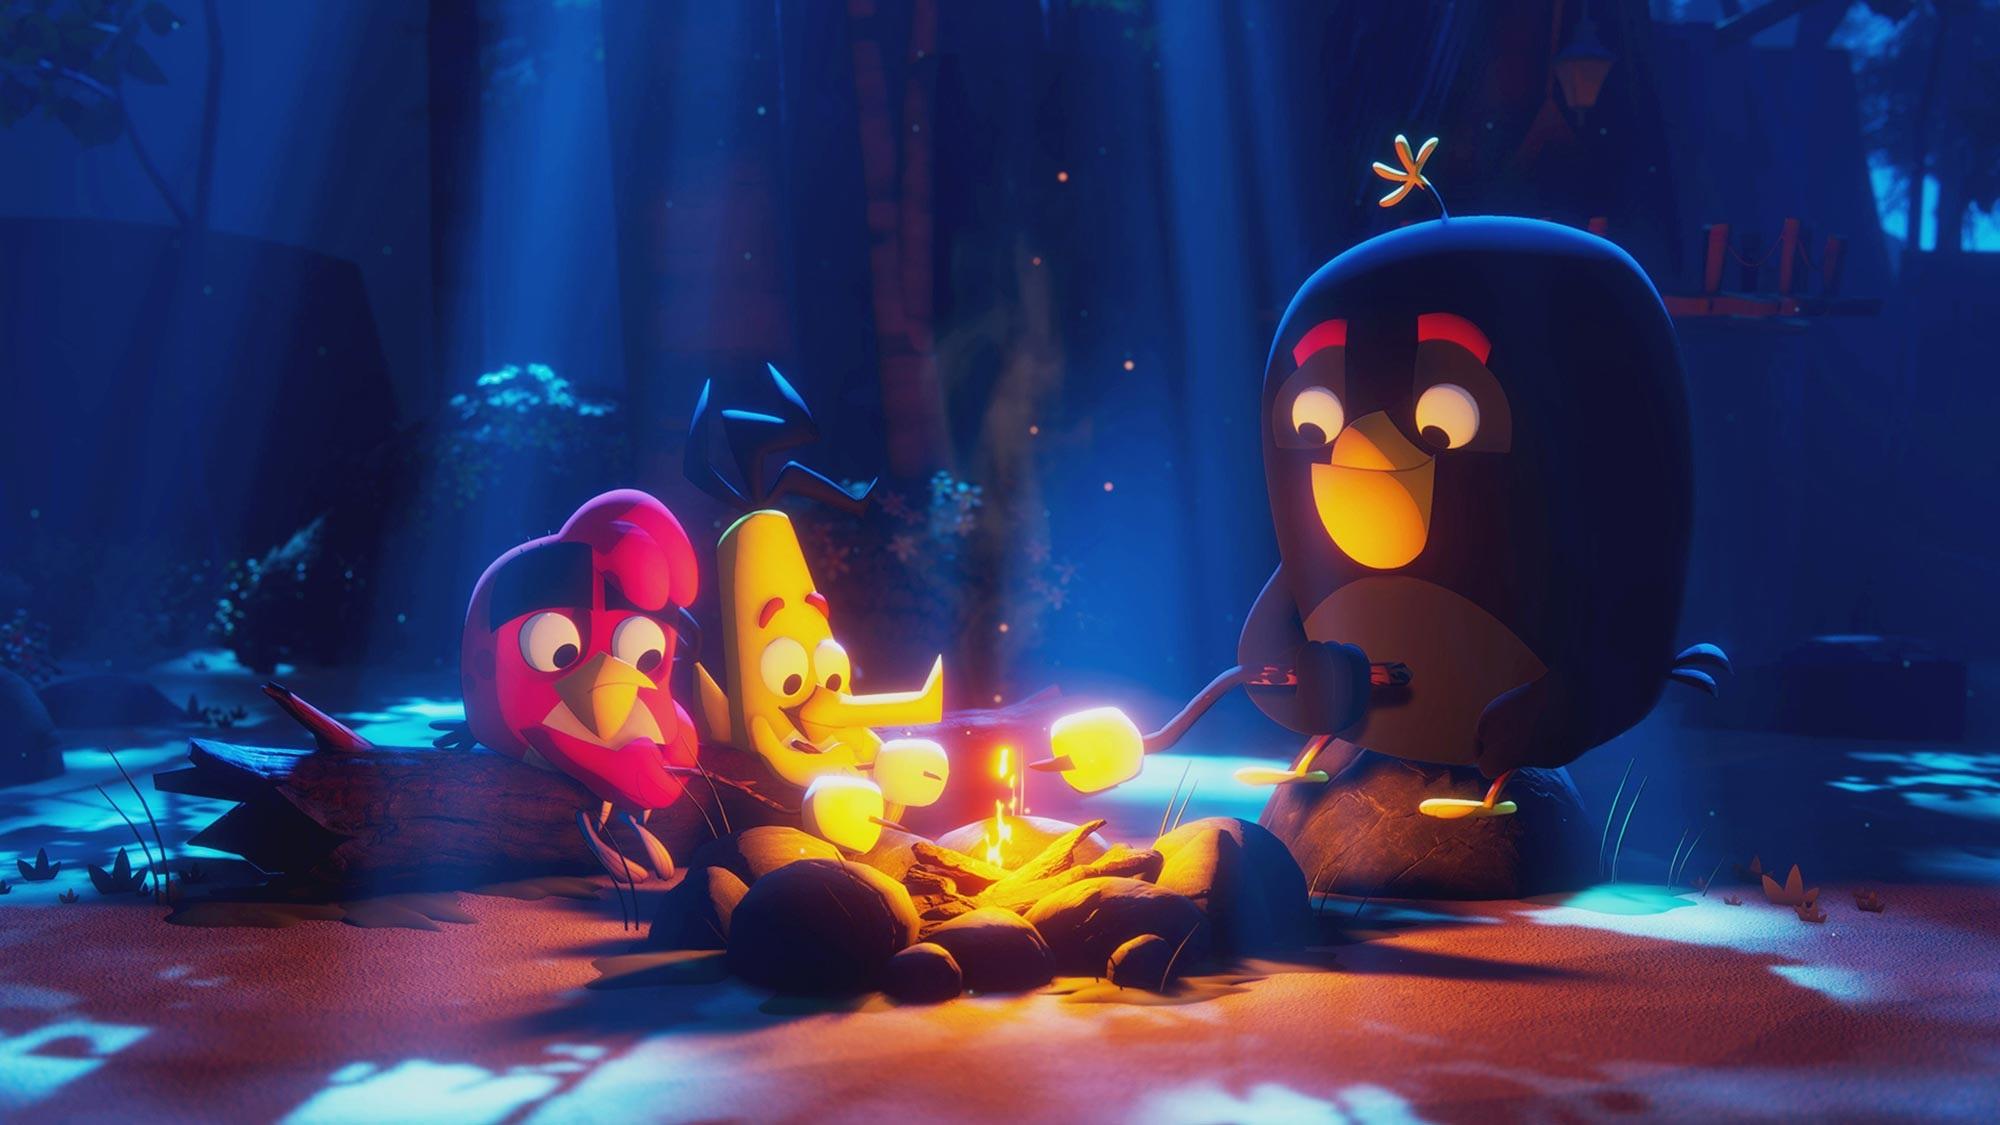 Netflix beställer Angry Birds-serie Angry Birds: Summer Madness väntas släppas nästa år